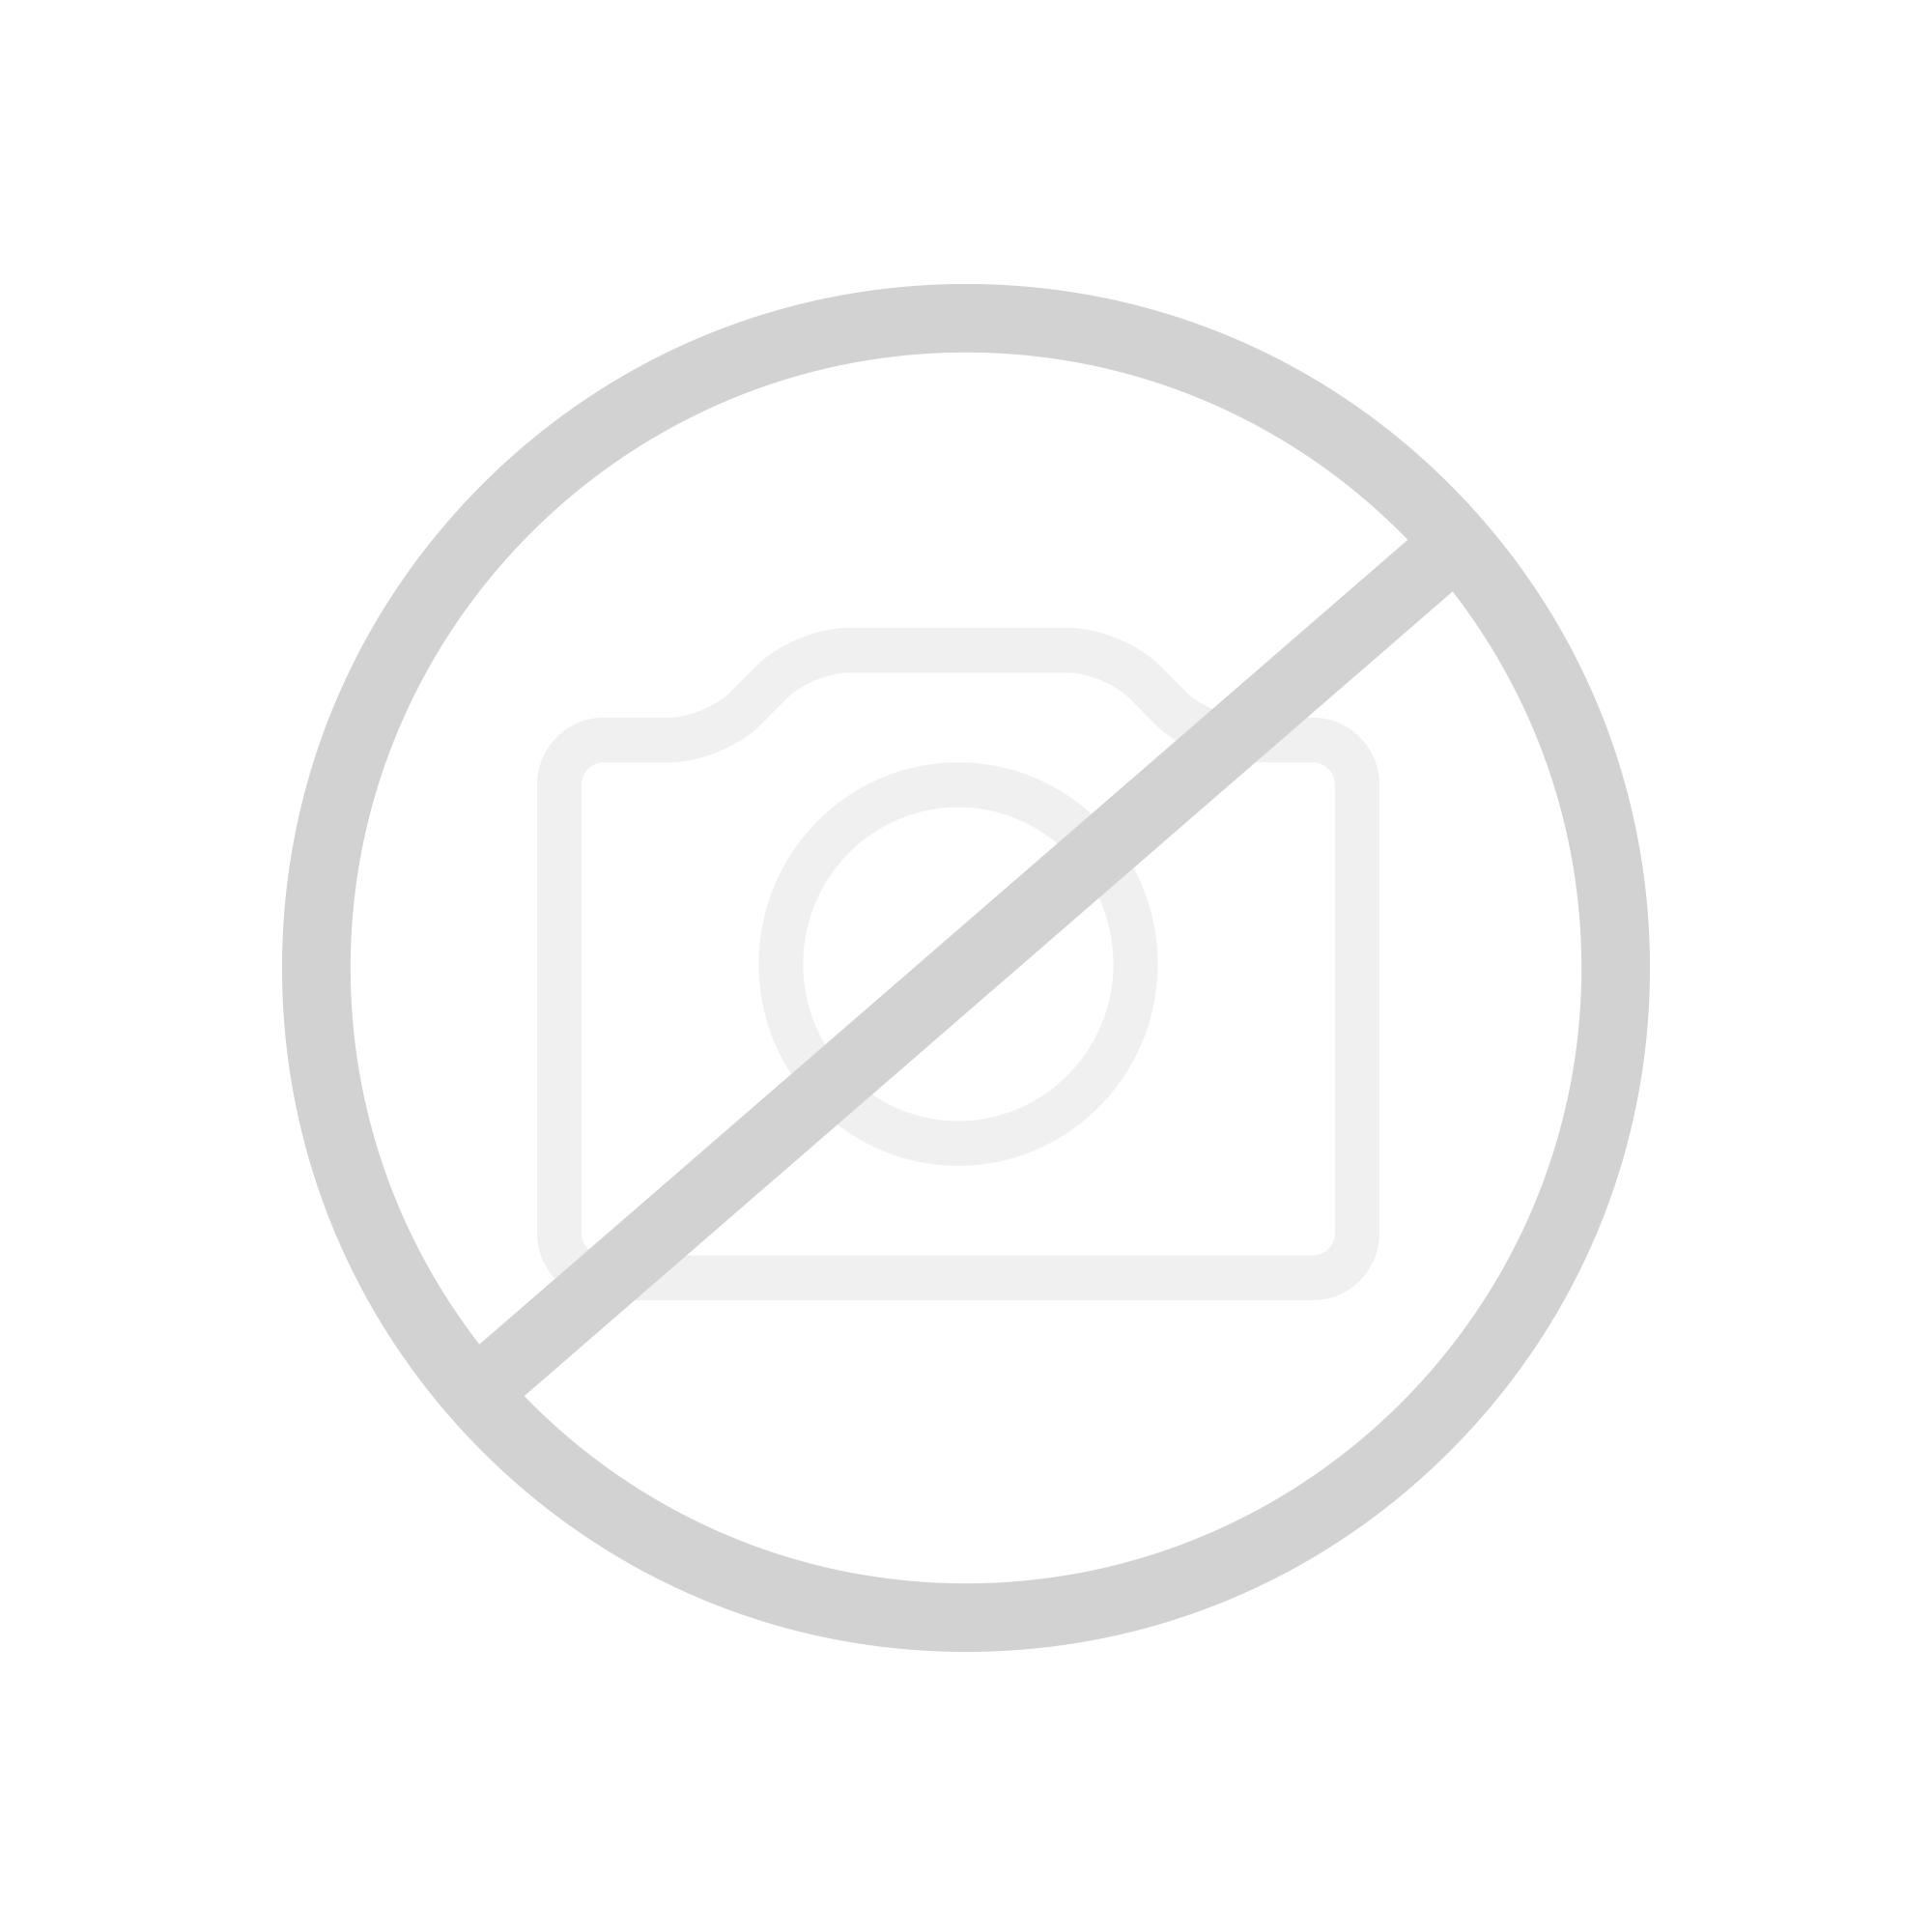 Victoria + Albert Kit 19 frei abfließendes Ablaufventil chrom